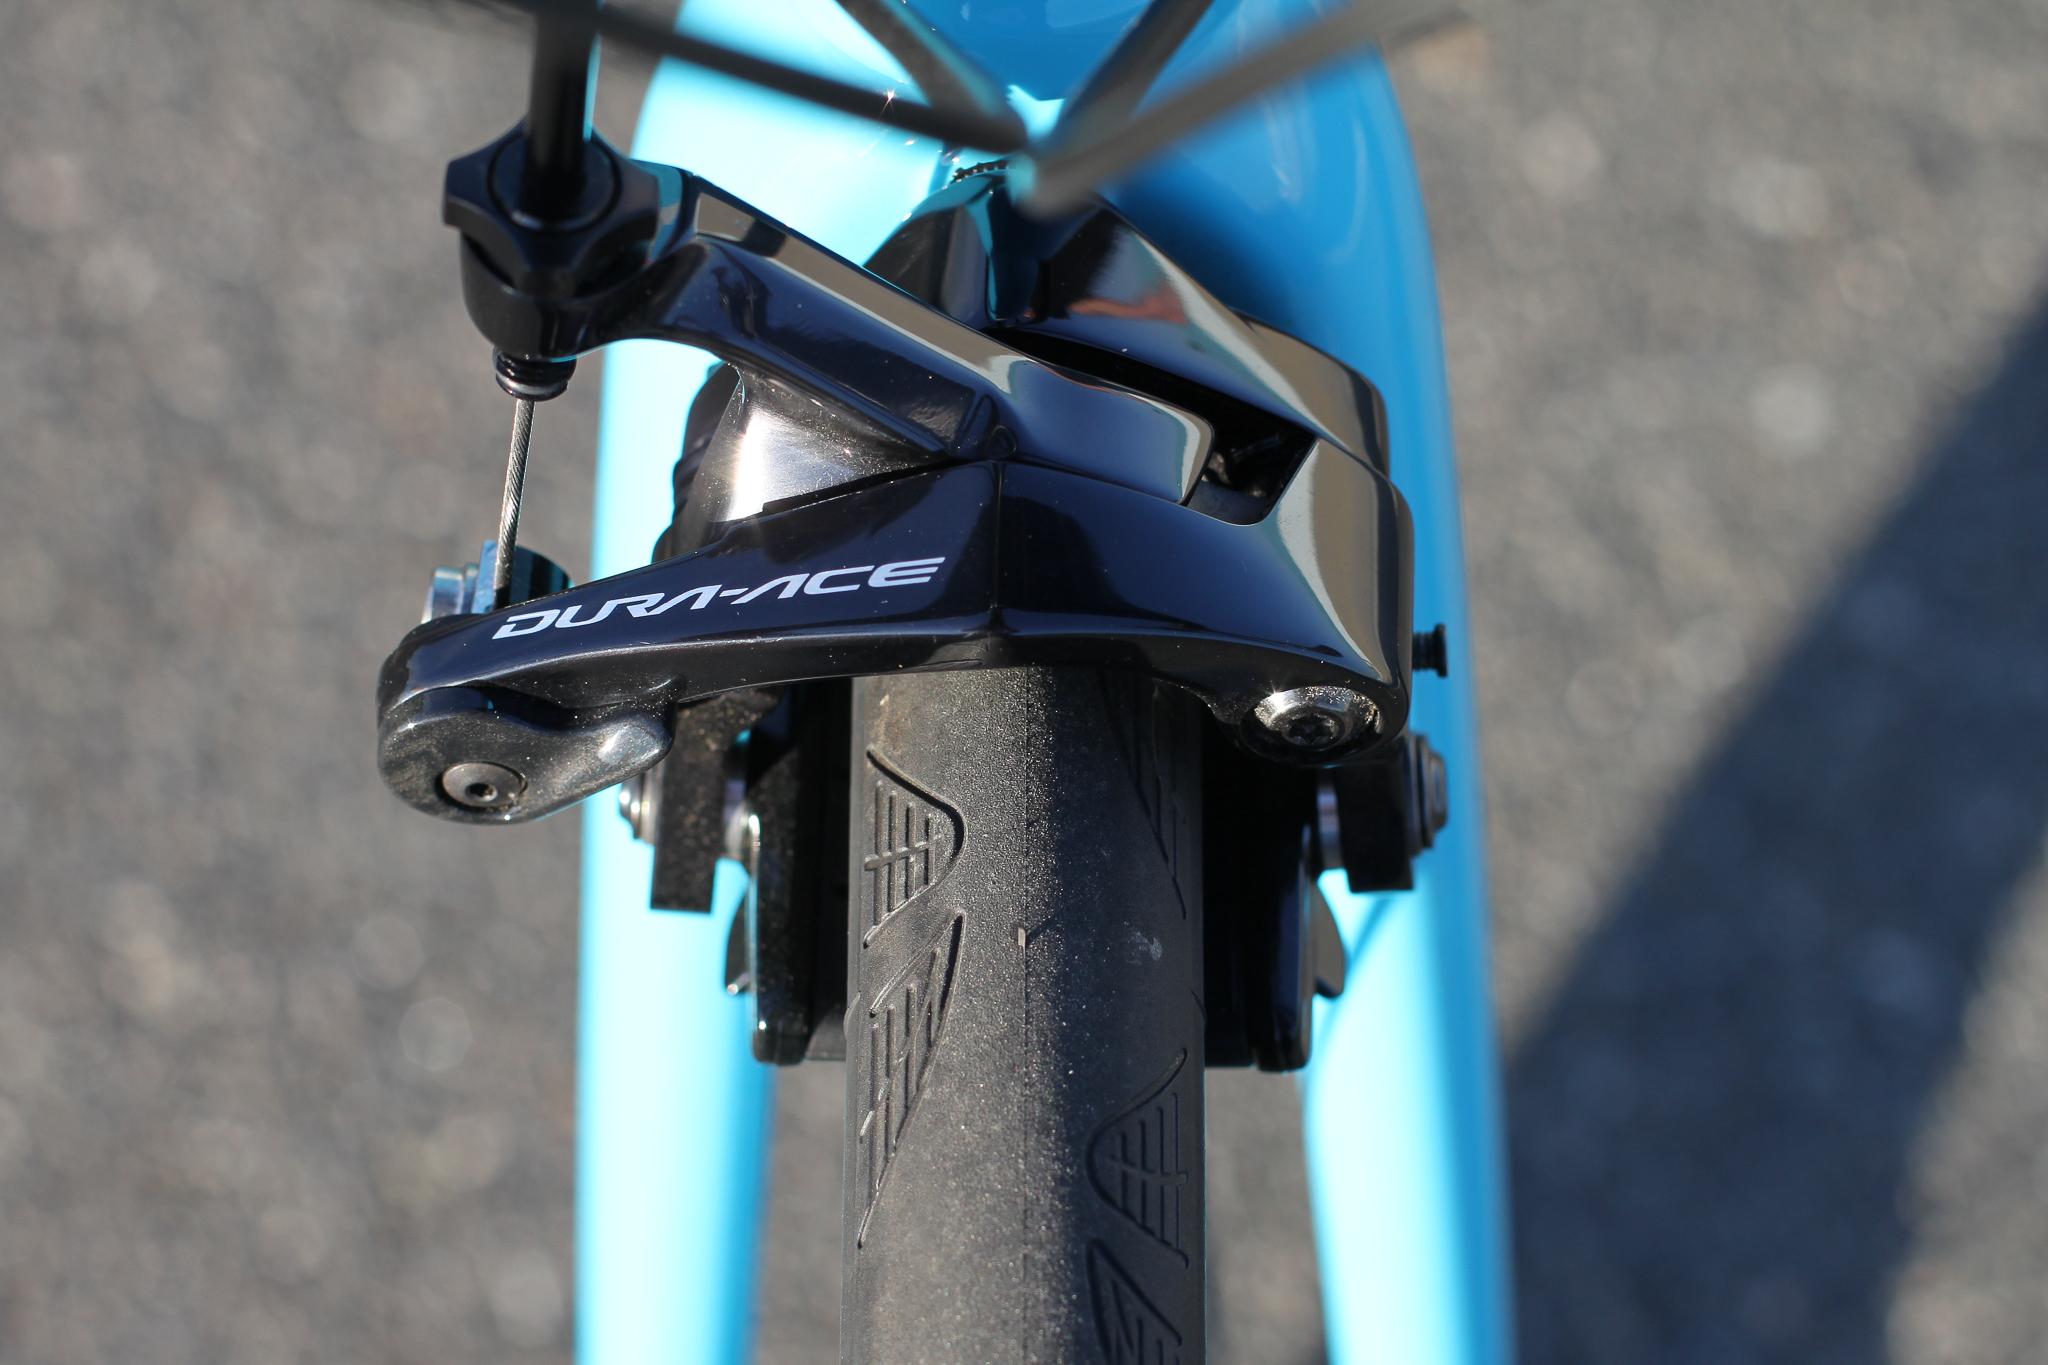 fairdale-bikes-sam-carlson-goodship-057